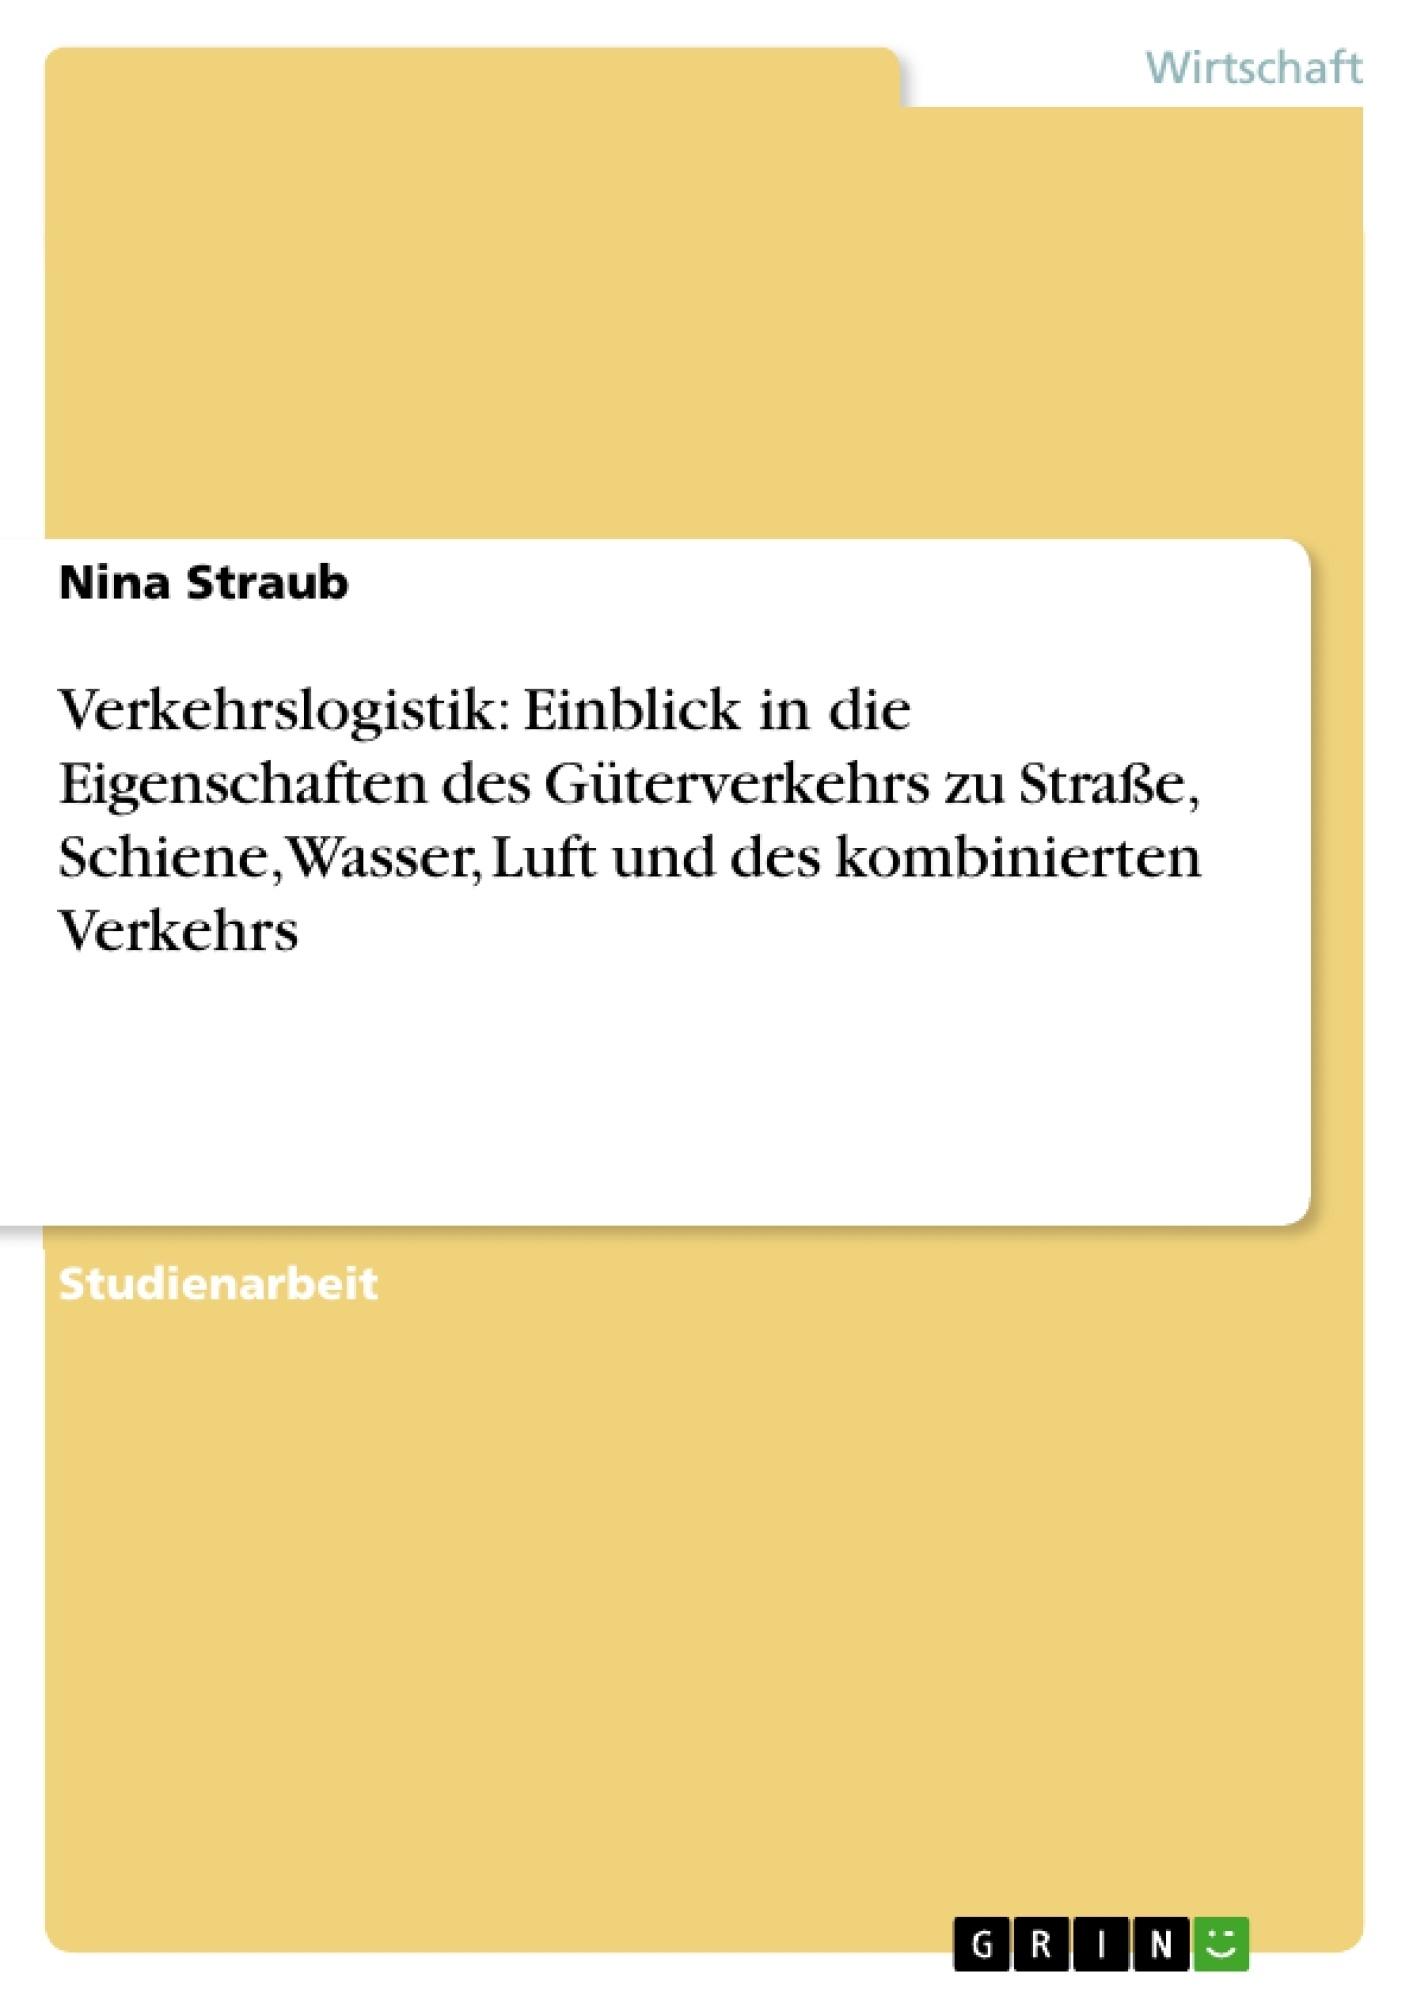 Titel: Verkehrslogistik: Einblick in die Eigenschaften des Güterverkehrs zu Straße, Schiene, Wasser, Luft und des kombinierten Verkehrs